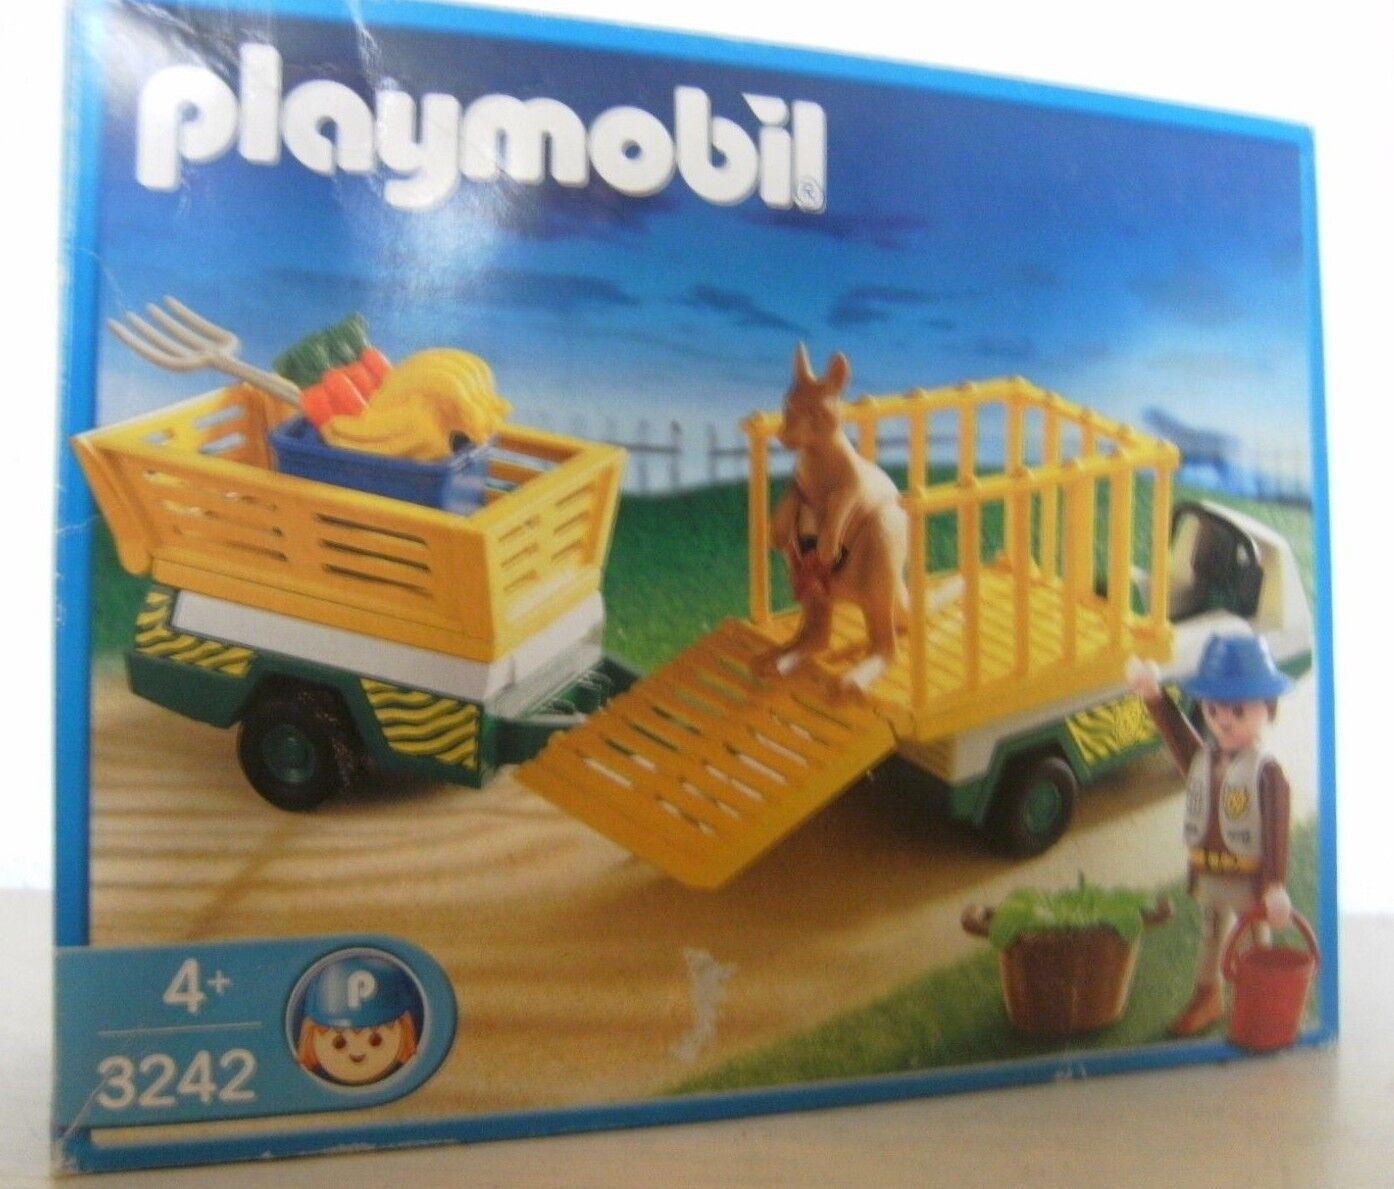 Playmobil Tierpfleger Transportfahrzeug 3242 von 2003 Neu & OVP Känguru Zoo